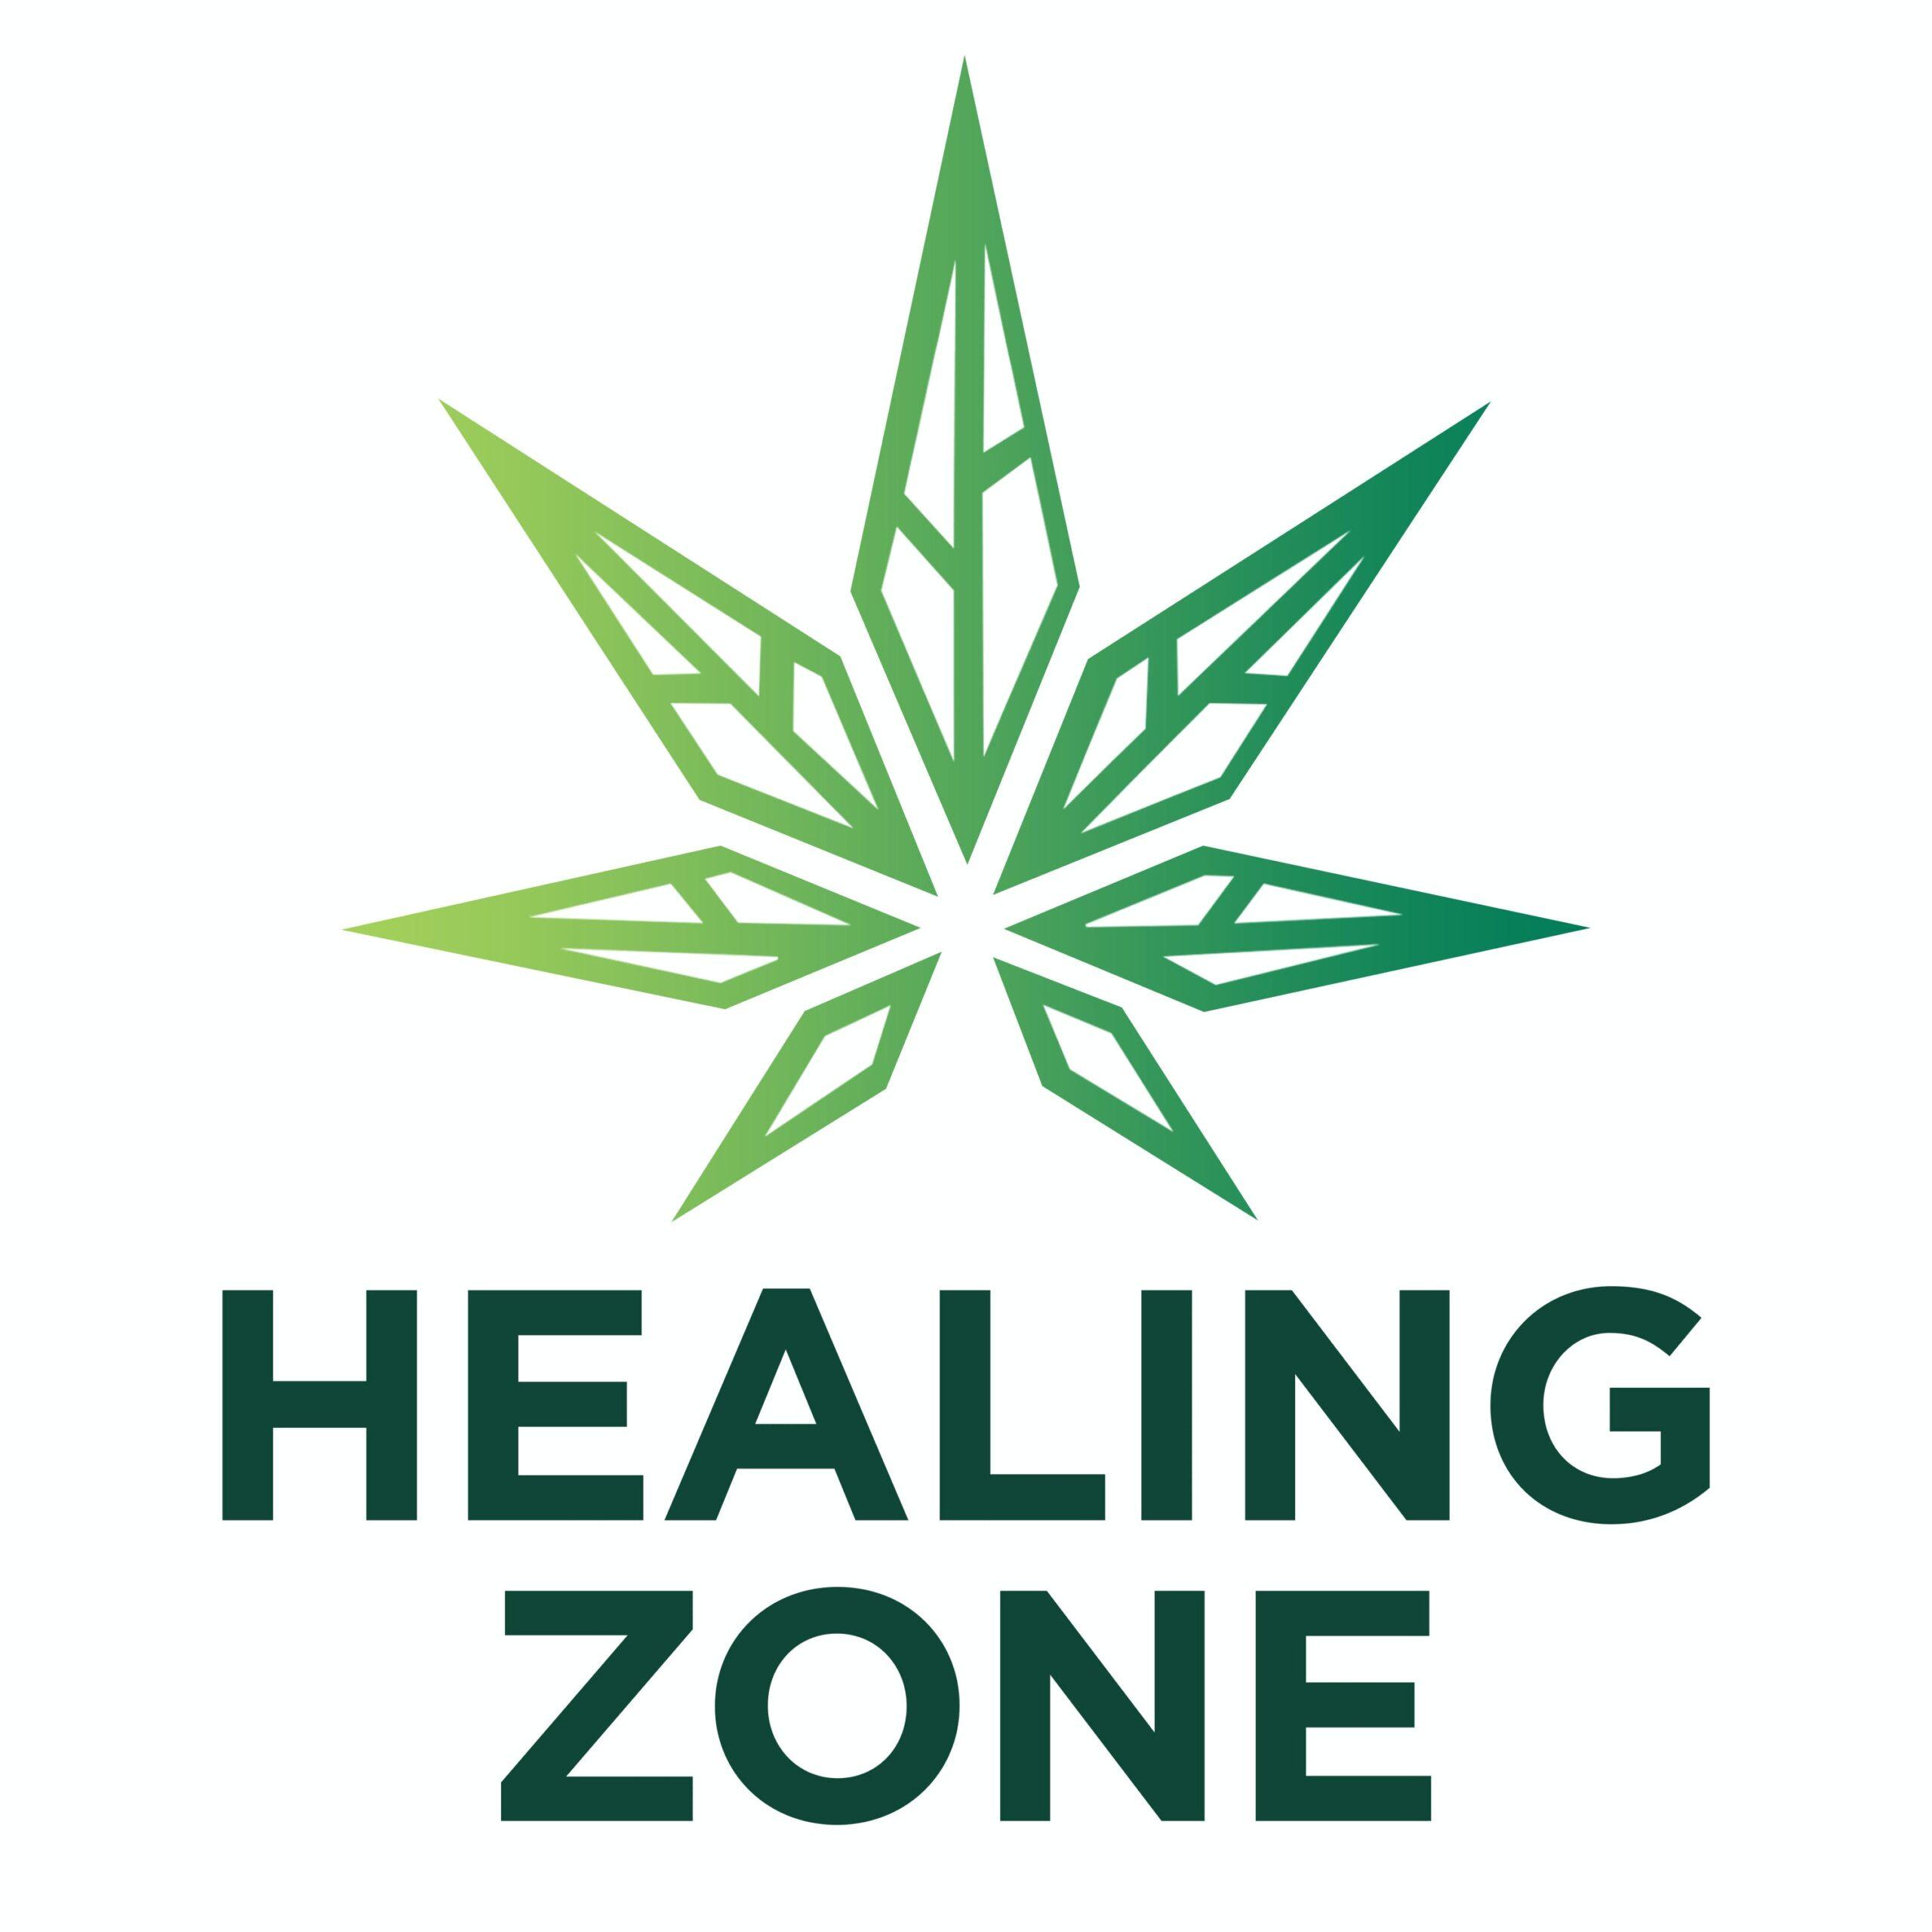 Healing Zone Humacao (NOW OPEN!)